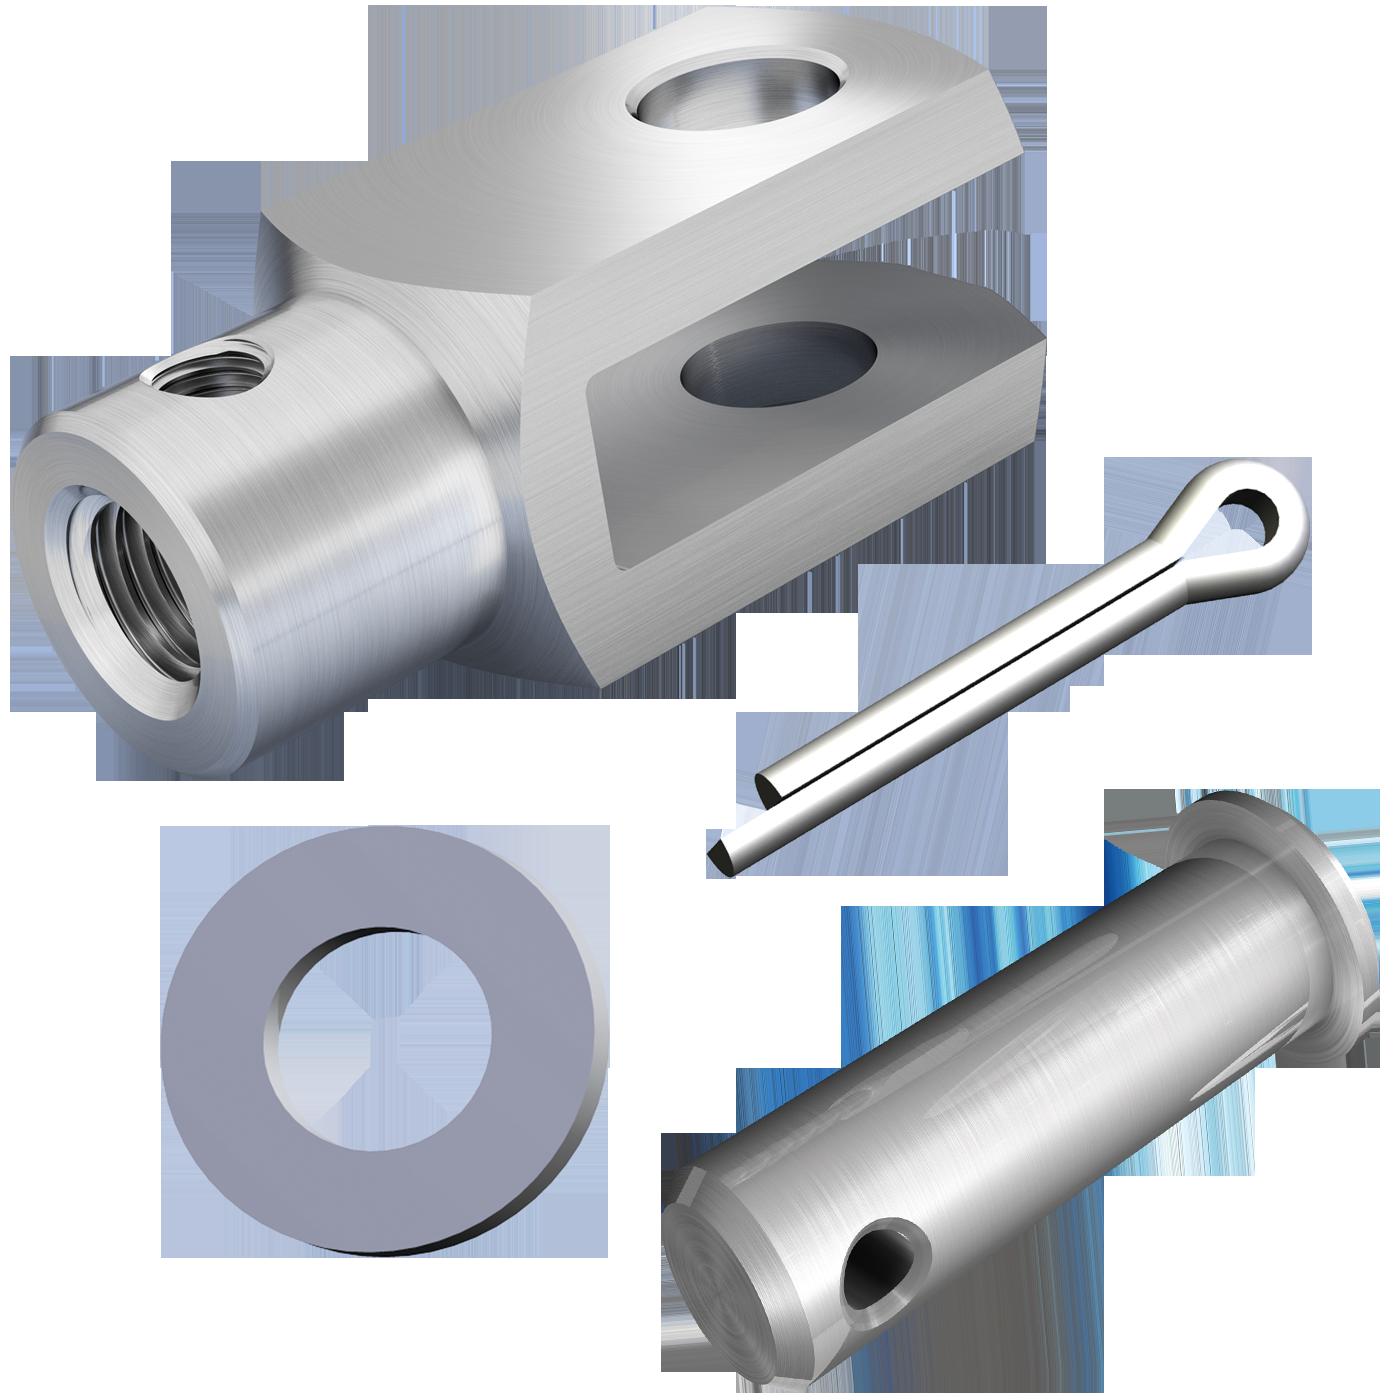 mbo Oßwald ist Hersteller von Gabelgelenk mit Zusatzgewinde, Gabelgelenken mit Zusatzgewinde in Ausführung als A-Gelenk, A-Gelenken, für Verdrehsicherung, ähnlich DIN 71751, lose, bestehend aus Gabelkopf mit Zusatzgewinde, Gabelköpfe mit Zusatzgewinde, Gabelkoepfe mit Zusatzgewinde, ähnlich DIN 71752, DIN ISO 8140, CETOP RP102P und Bolzen mit Splintloch, Scheiben DIN 125 und Splinte DIN 94. Wir fertigen diese aus Stahl 1.0718 und Edelstahl 1.4305 und A4-Qualität 1.4404.